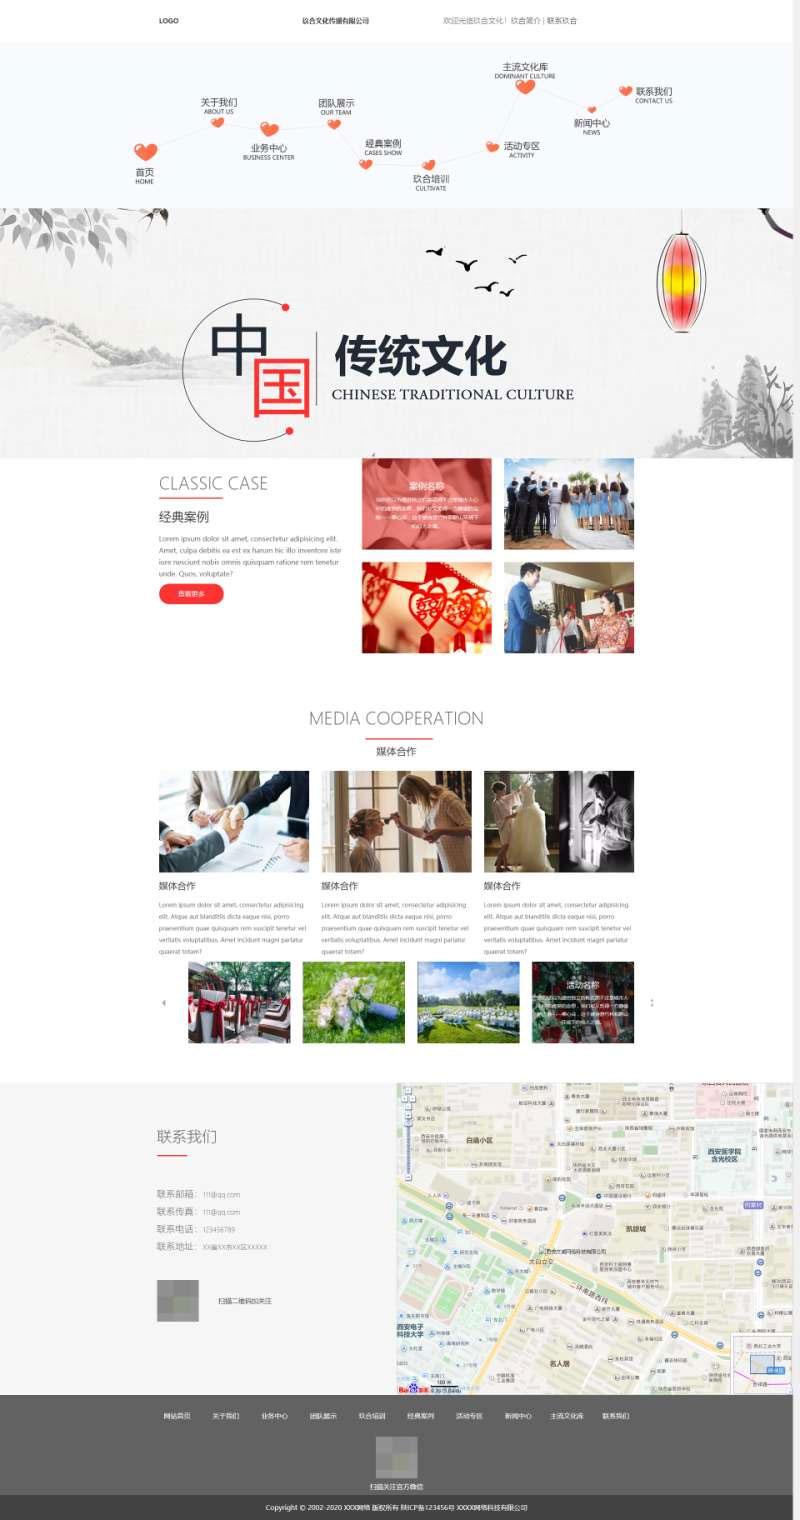 html5大气响应式婚礼活动策划文化传播企业网站模板